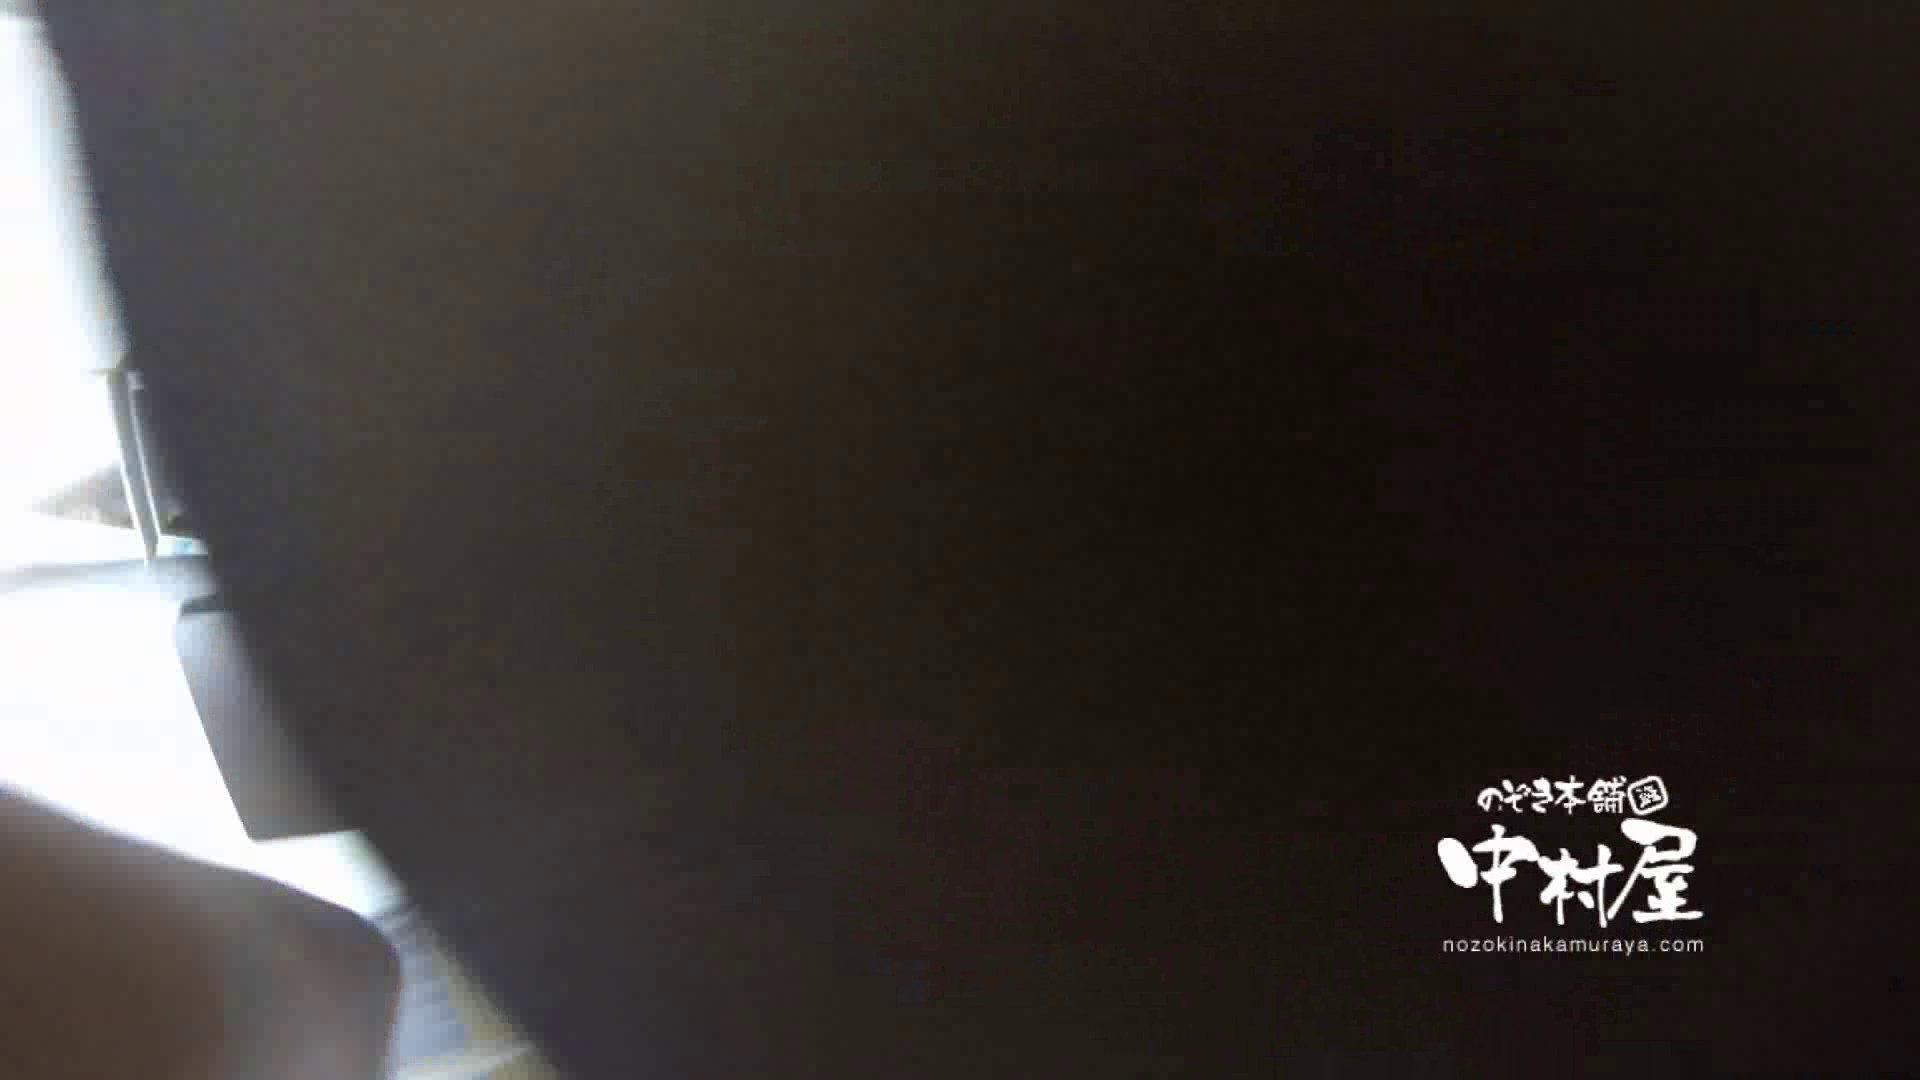 鬼畜 vol.15 ハスキーボイスで感じてんじゃねーよ! 前編 鬼畜 | 美しいOLの裸体  102pic 81